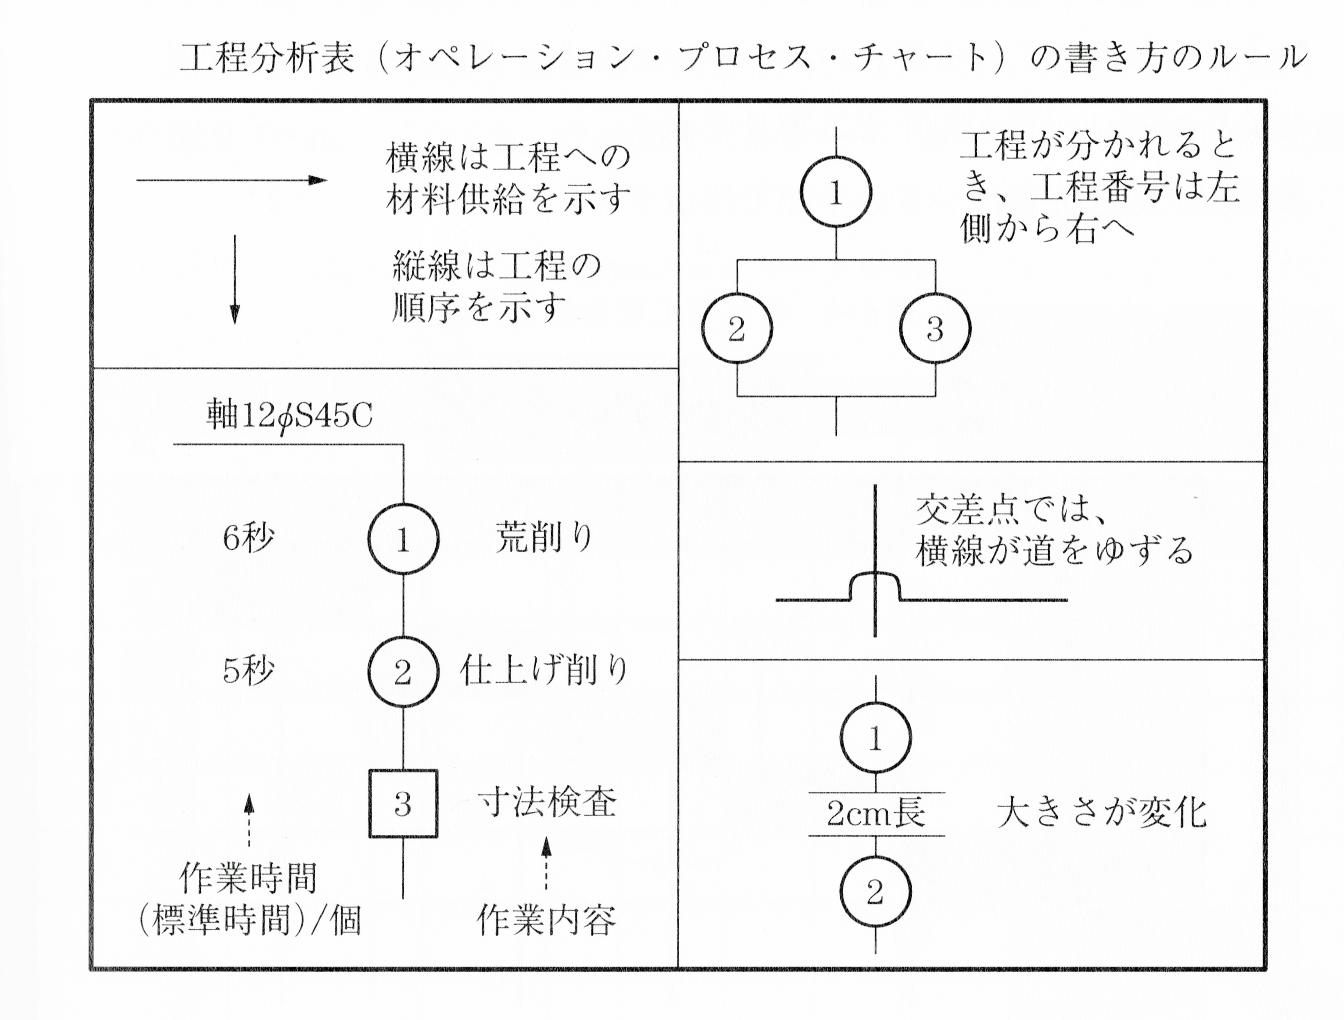 工程分析表の書き方